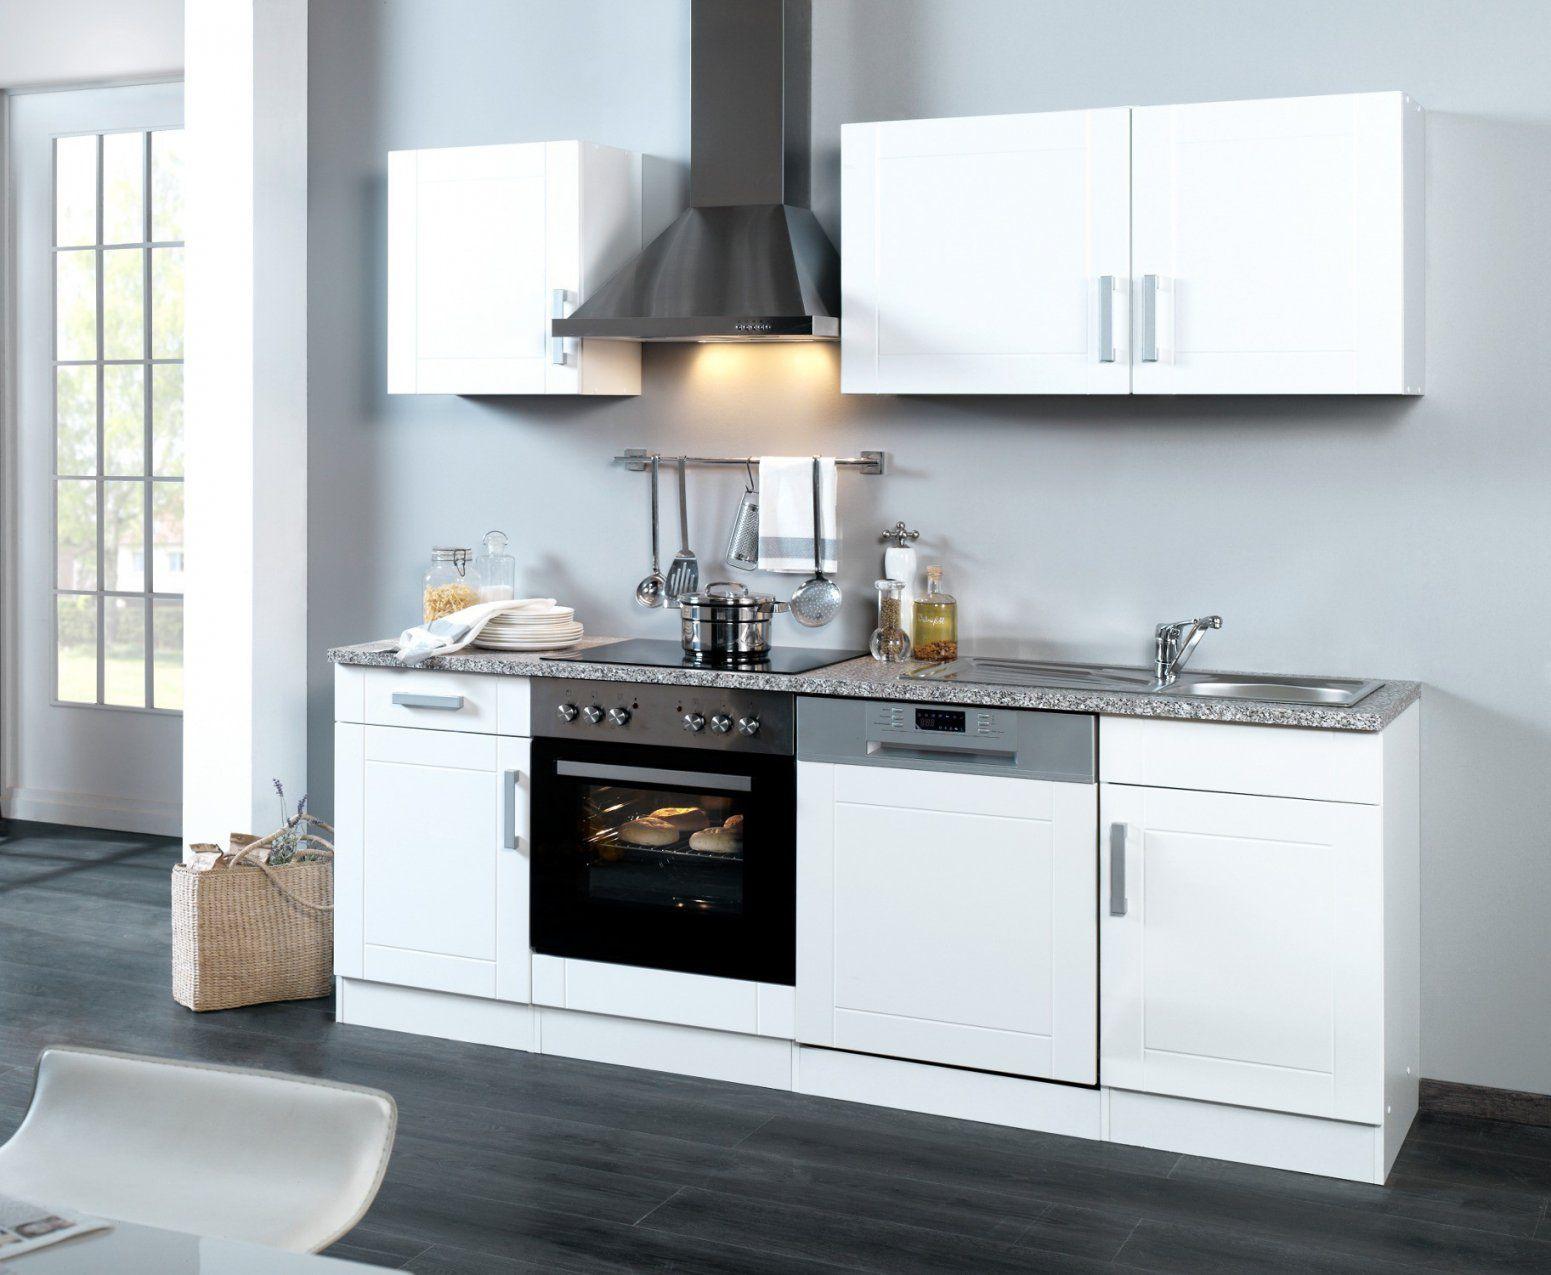 Küchenzeile Weiß  Uruenavilladellibro  Uruenavilladellibro von Küchenzeile 230 Cm Breit Bild